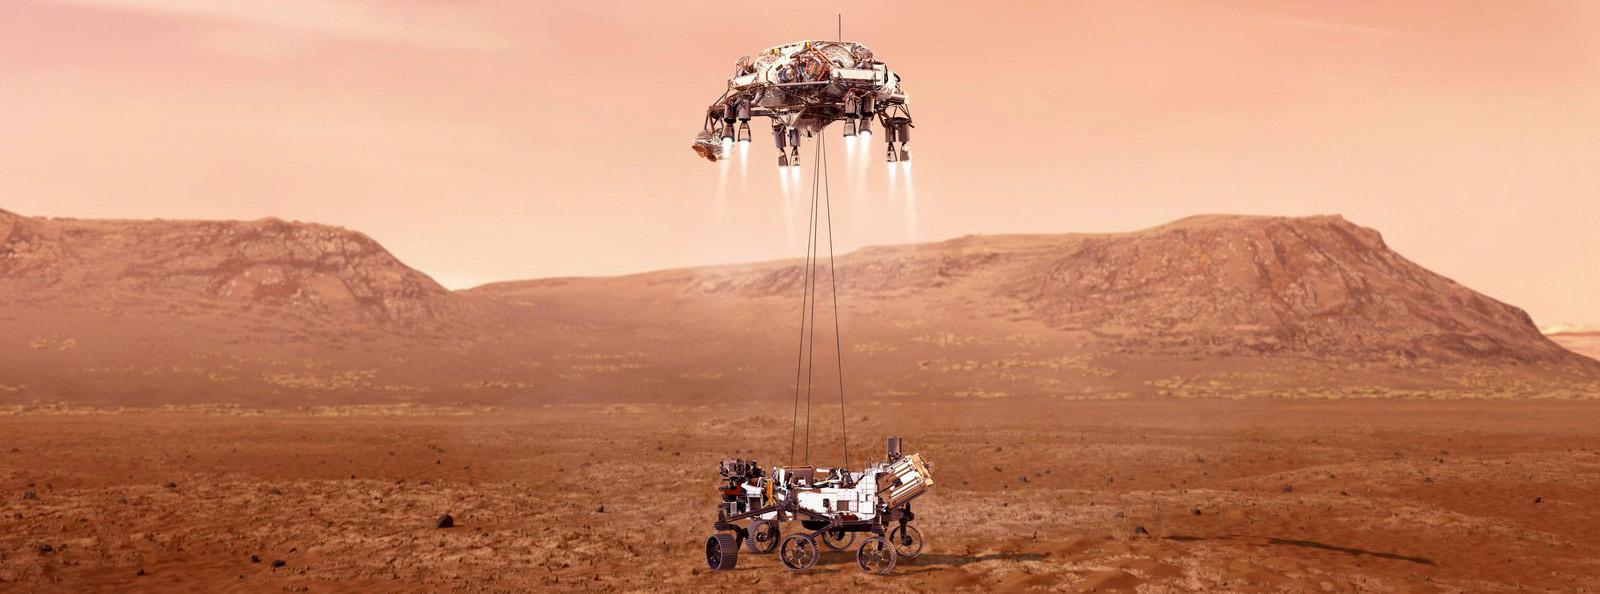 La espectacular llegada de Perseverance a Marte, con un sistema de retrocohetes y grúa - NASA